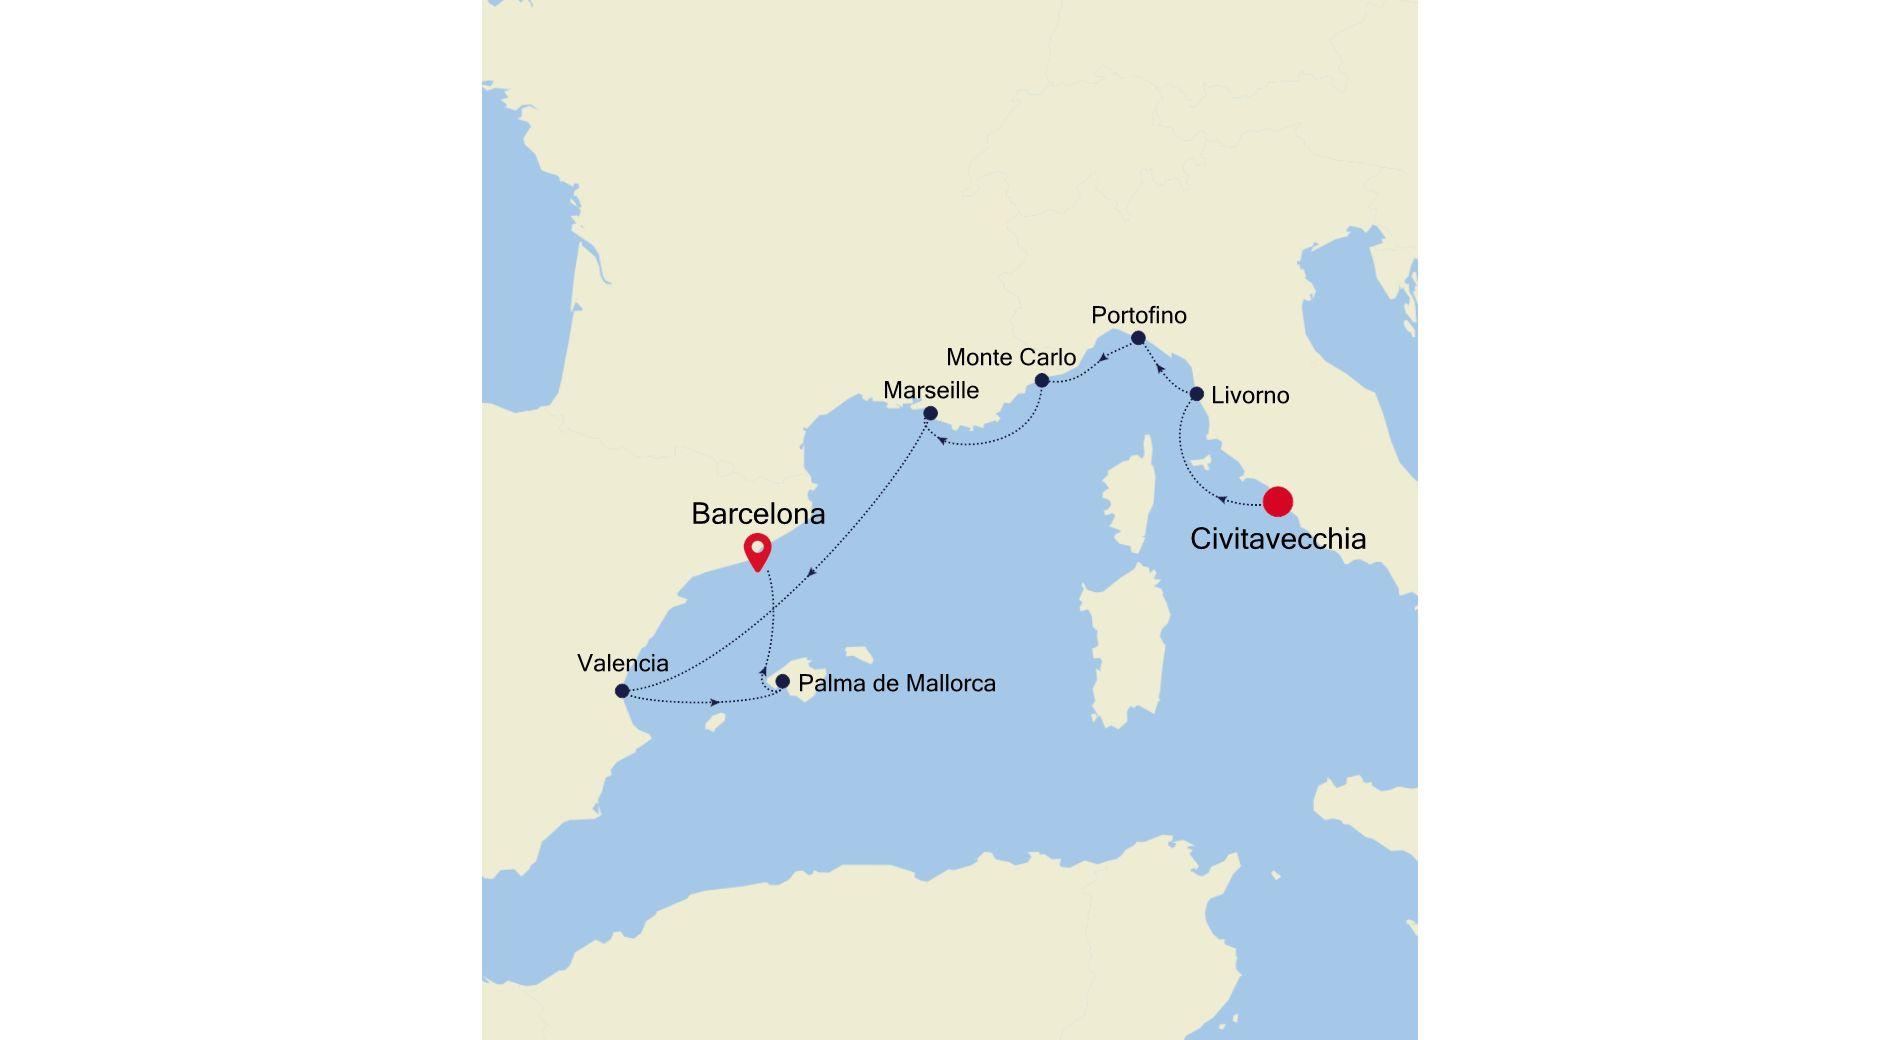 SS211015009 - Civitavecchia nach Barcelona